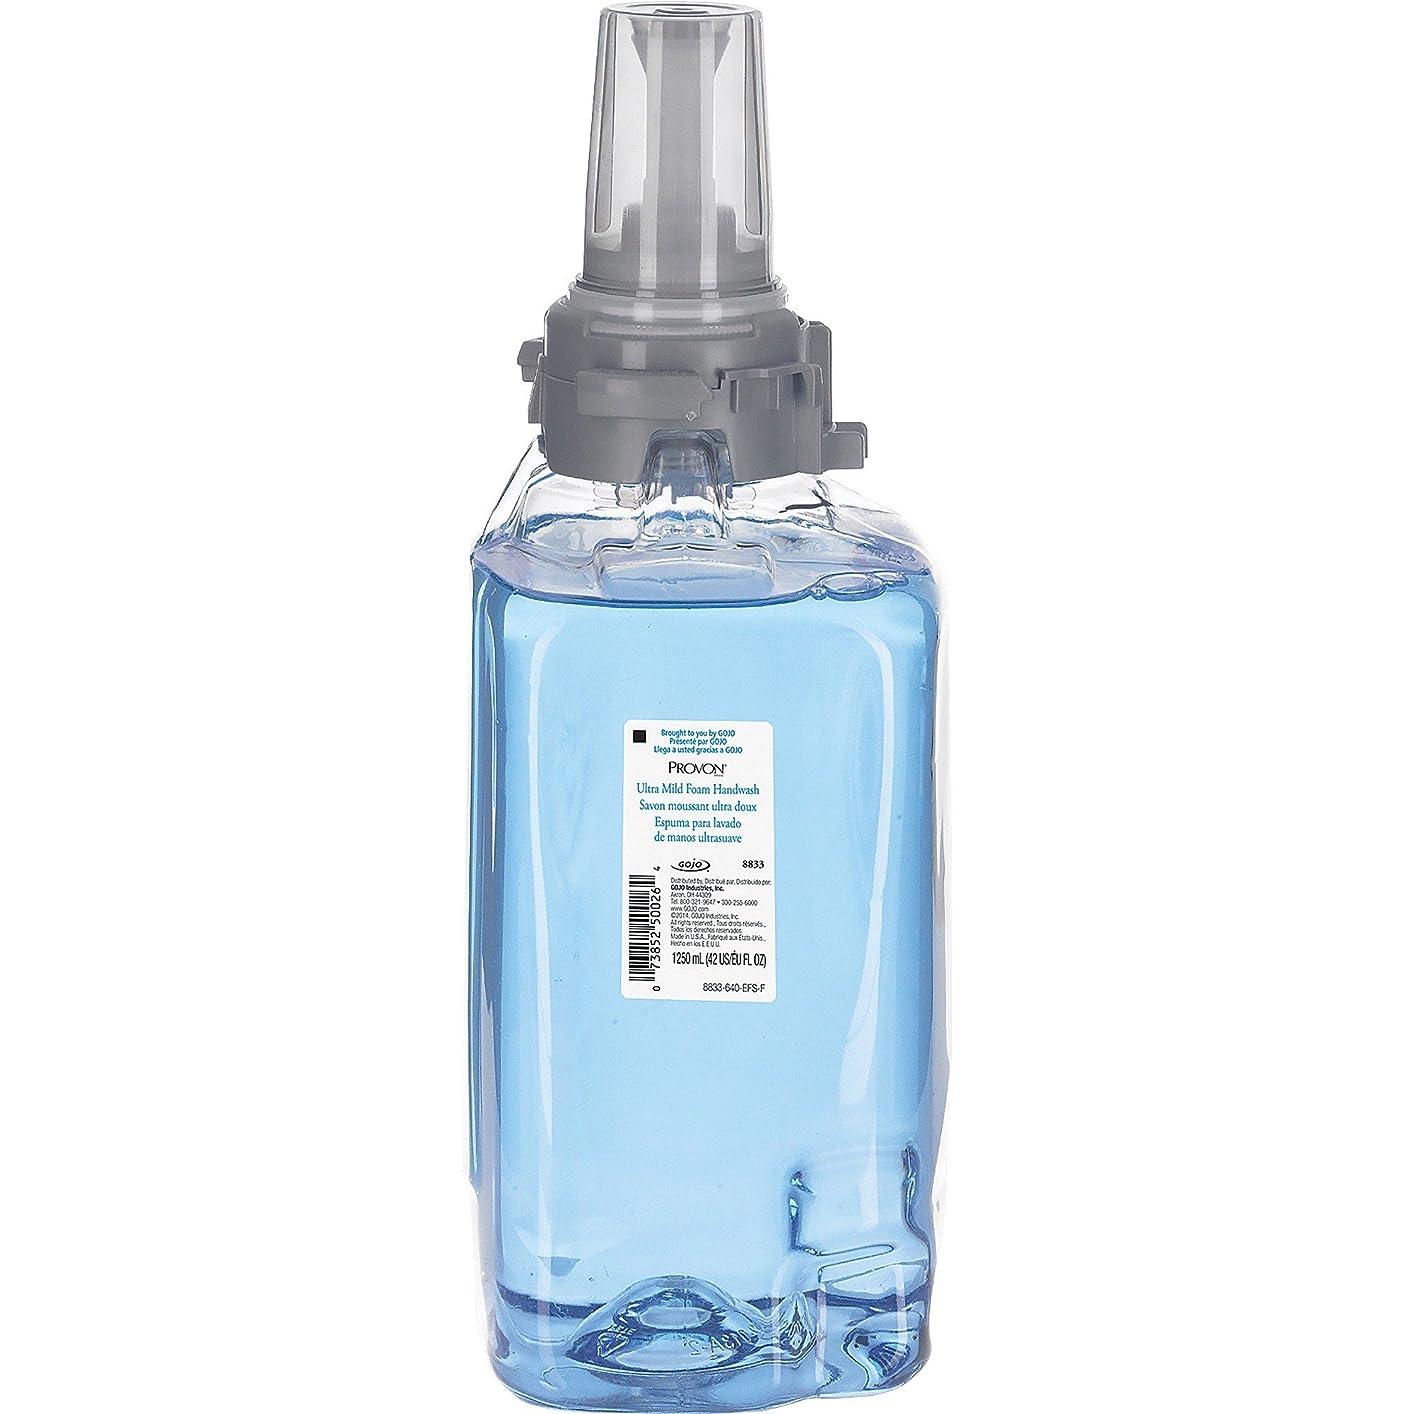 何故なの悪夢余剰goj883303?–?go-jo Industries Ultra Mild Foam Handwash